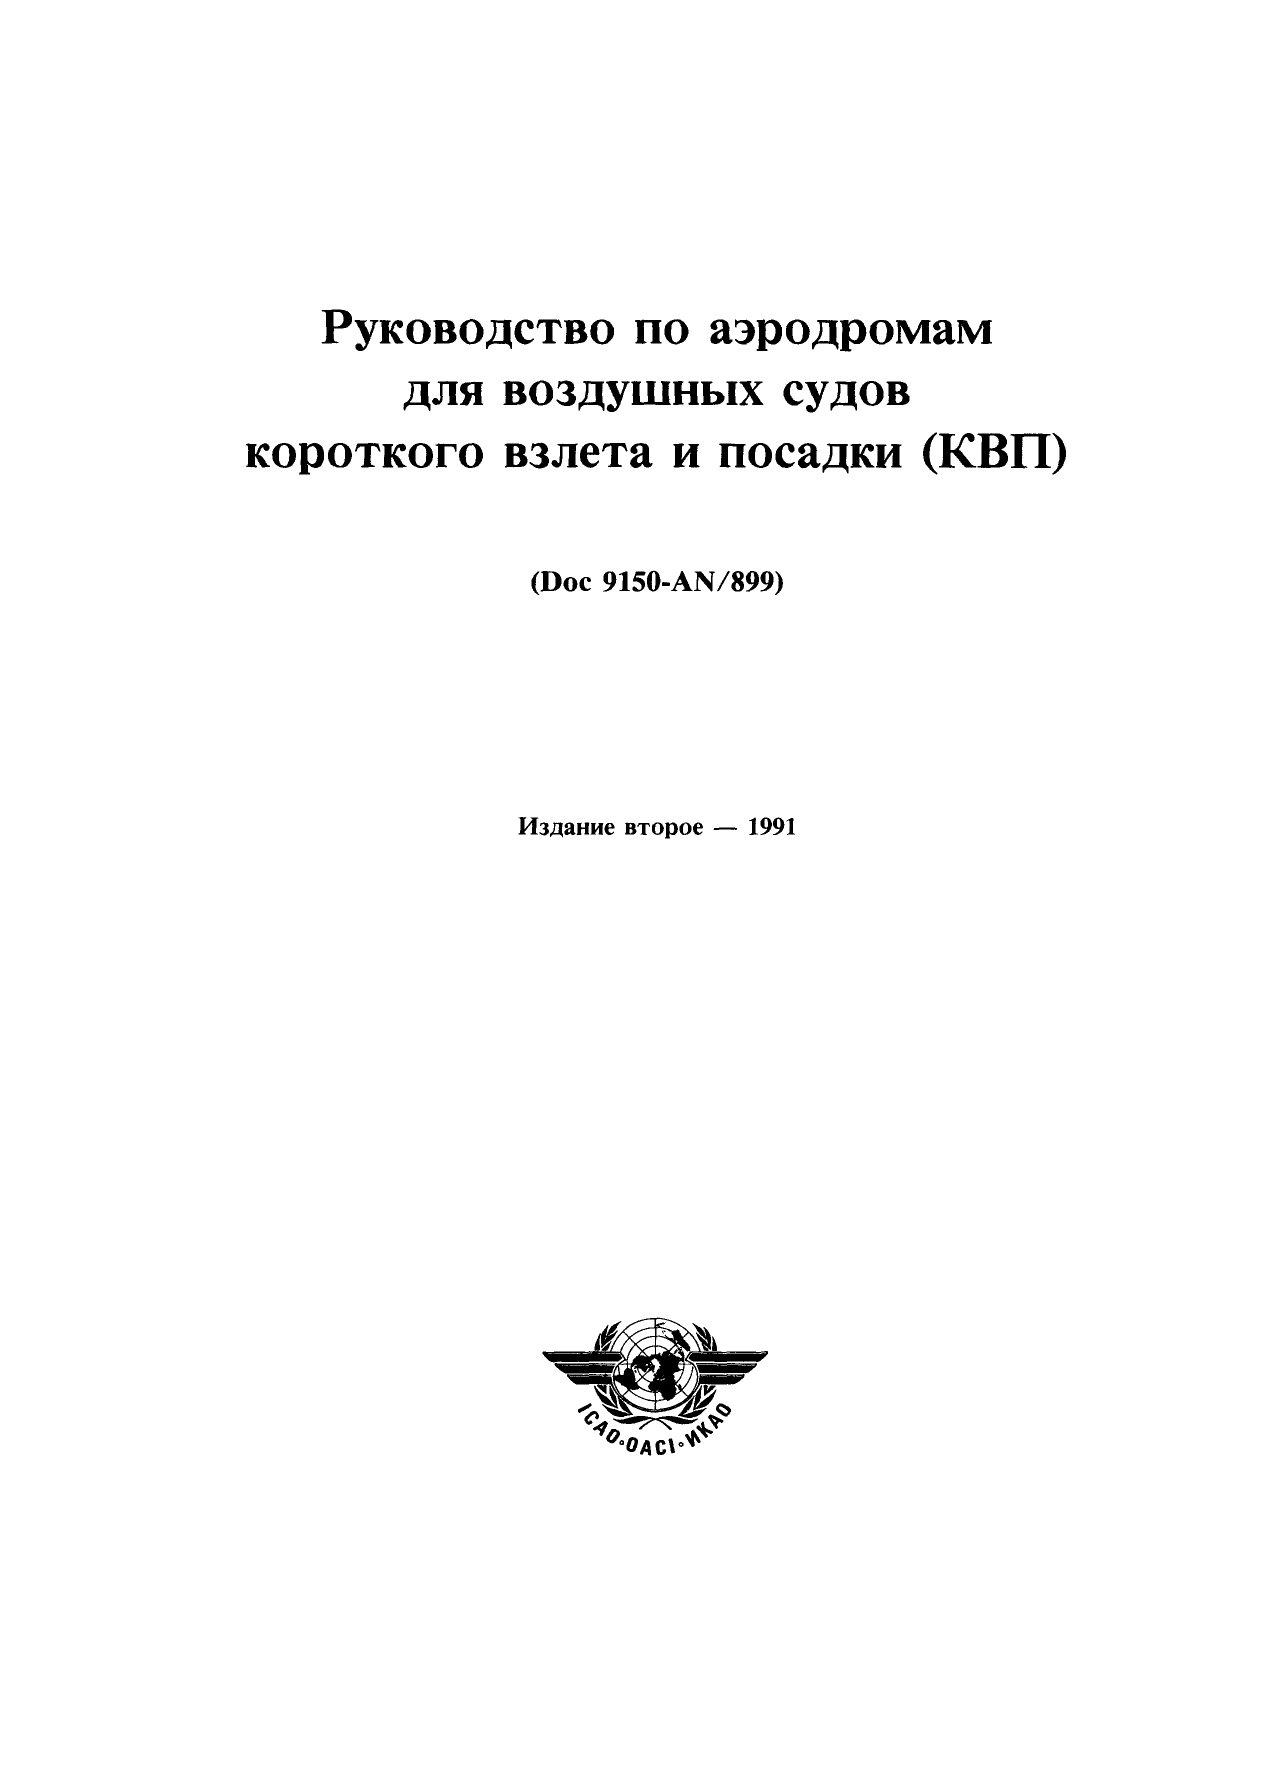 ICAO Doc 9150 Руководство по аэродромам для воздушных судов короткого взлета и посадки (КВП)